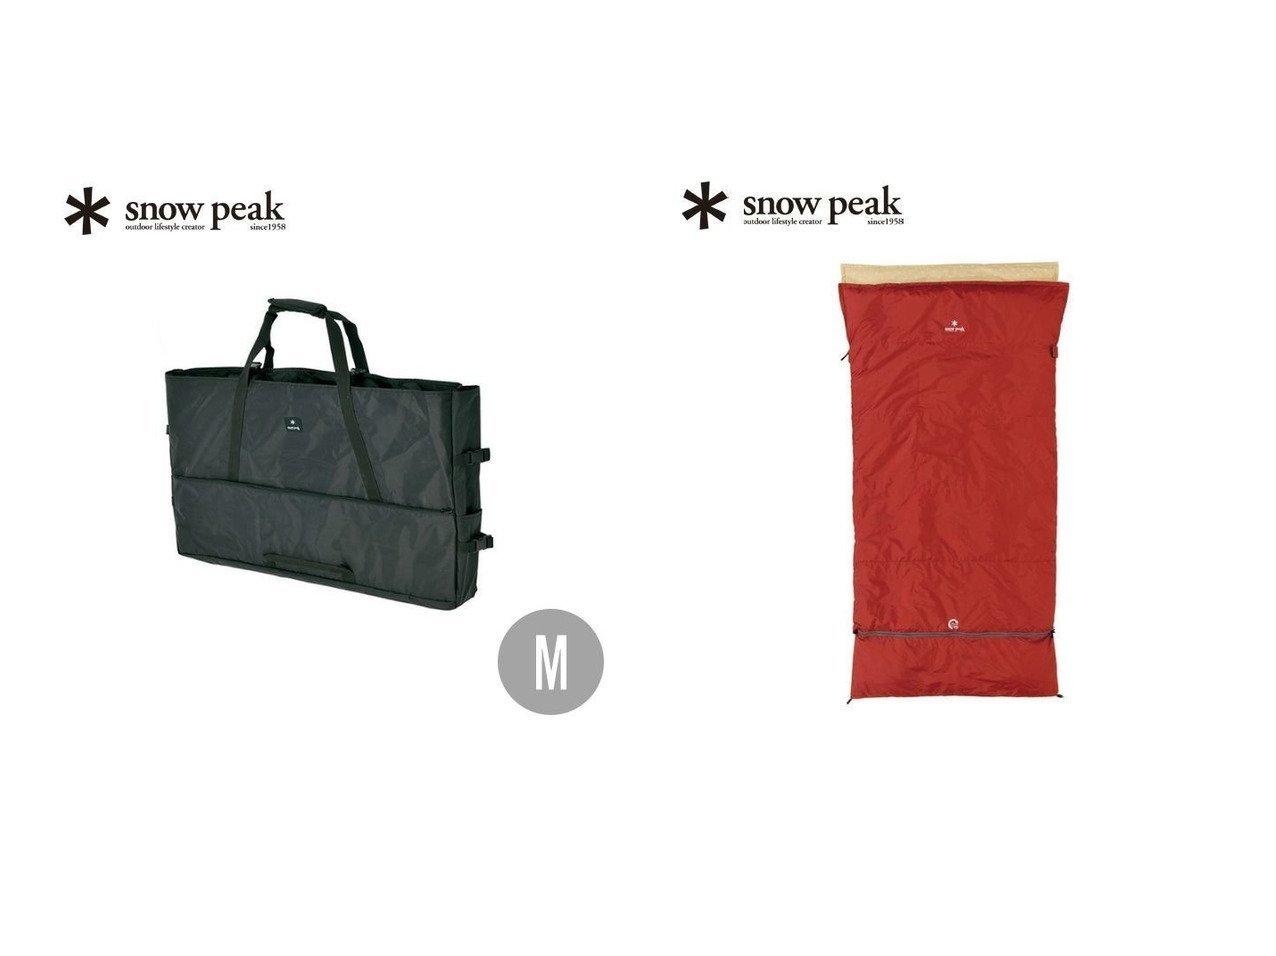 【Snow Peak/スノーピーク】のセパレートシュラフ オフトンワイド LX Separate Sleeping Bag Ofuton Wide LX&Gear Tote M ギアトートM おすすめ!人気キャンプ・アウトドア用品の通販 おすすめで人気の流行・トレンド、ファッションの通販商品 インテリア・家具・メンズファッション・キッズファッション・レディースファッション・服の通販 founy(ファニー) https://founy.com/ テーブル ポケット セパレート ワイド ホーム・キャンプ・アウトドア Home,Garden,Outdoor,Camping Gear キャンプ用品・アウトドア  Camping Gear & Outdoor Supplies その他 雑貨 小物 Camping Tools ホーム・キャンプ・アウトドア Home,Garden,Outdoor,Camping Gear キャンプ用品・アウトドア  Camping Gear & Outdoor Supplies 寝具 シュラフ 枕 Schlaf, Sleeping bag, Pillow  ID:crp329100000047688